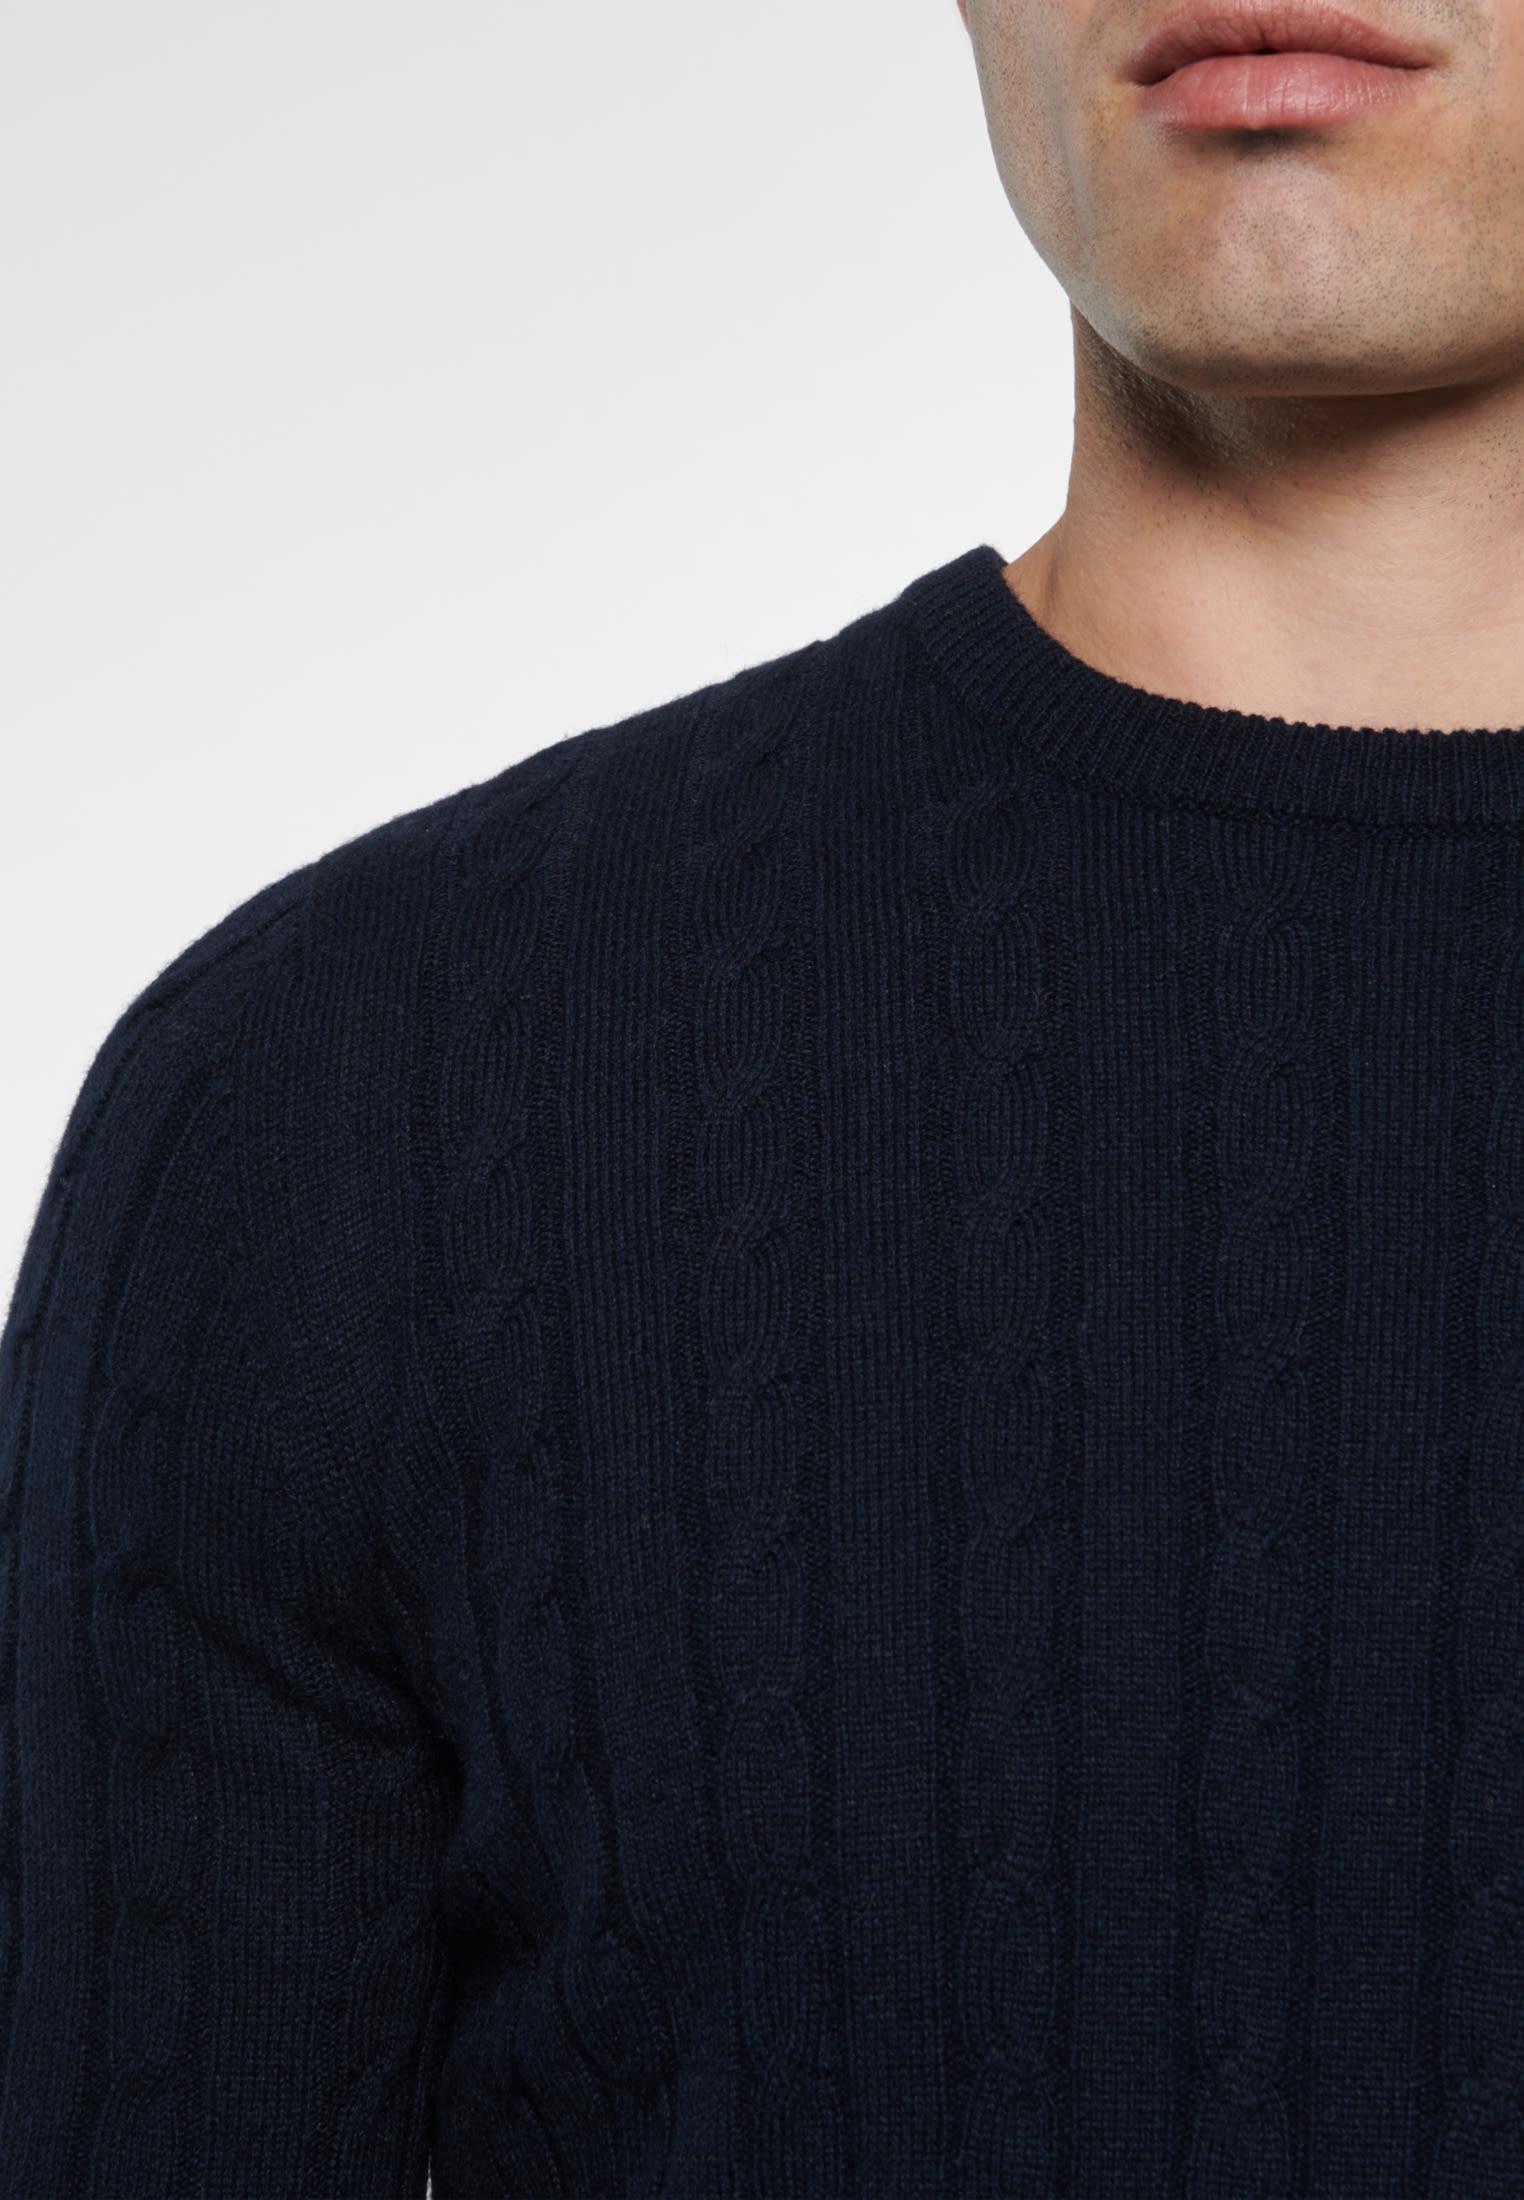 Rundhals Pullover aus Wollmischung in Dunkelblau |  Seidensticker Onlineshop